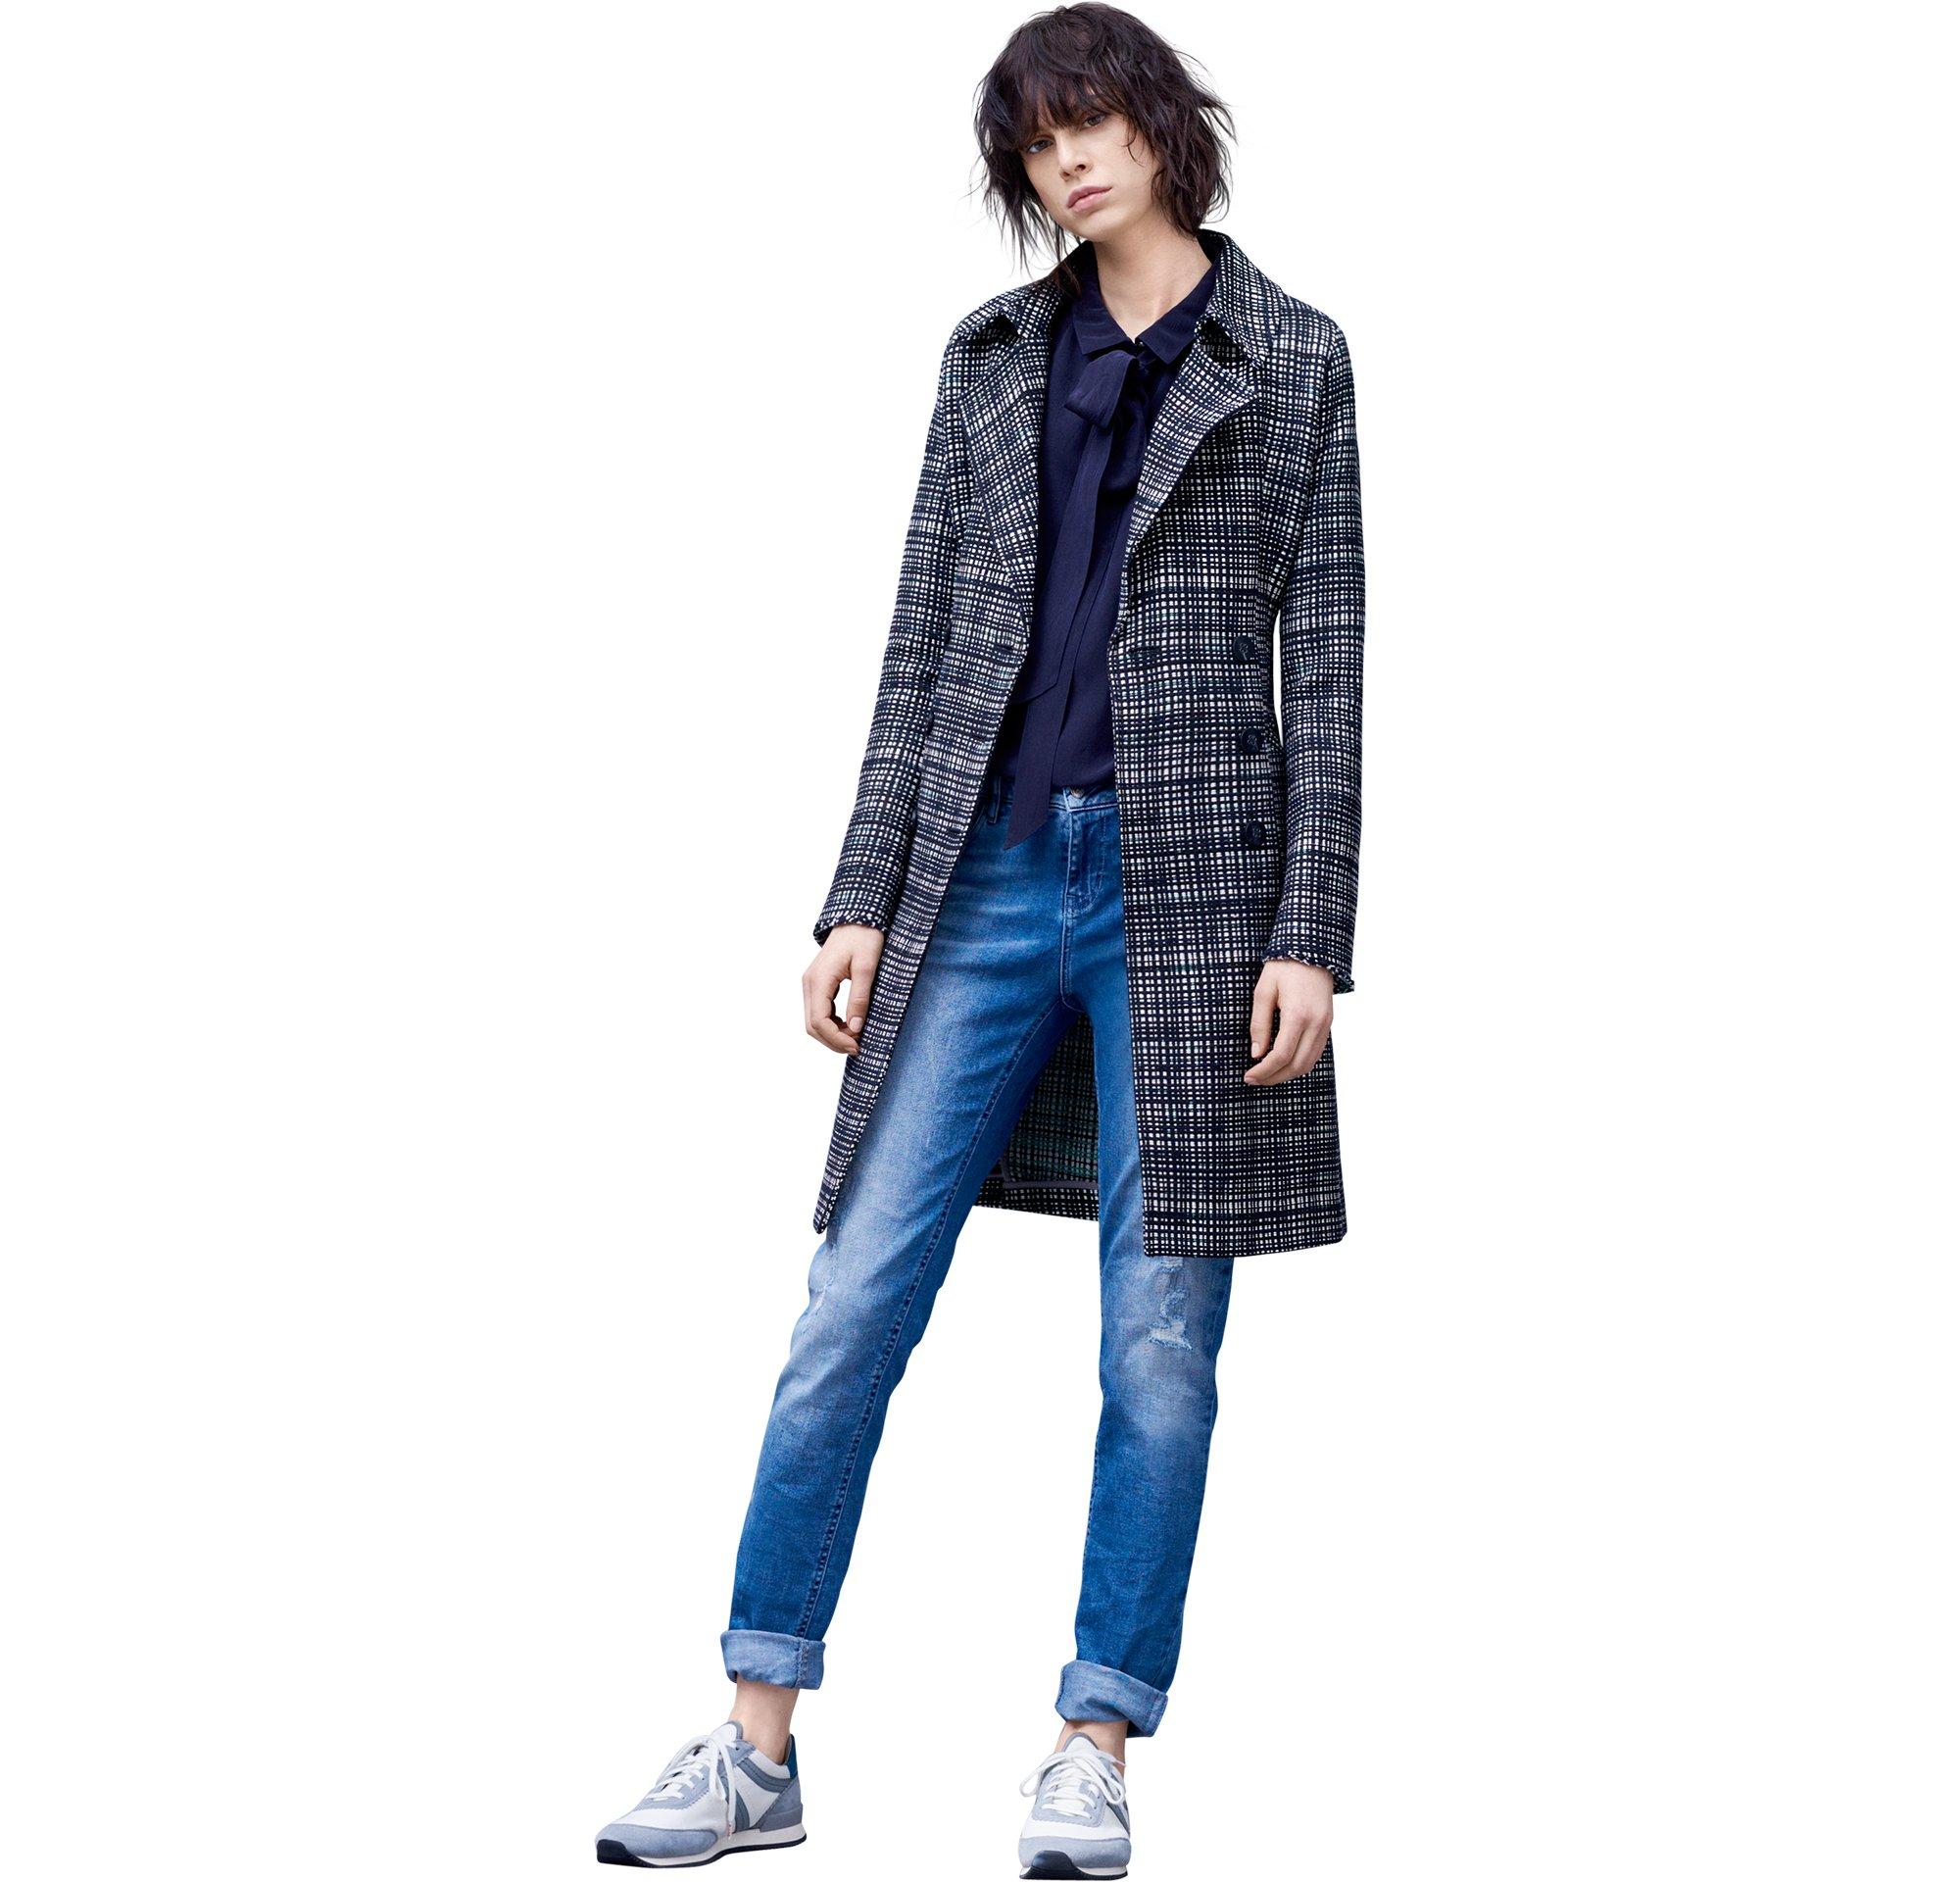 Mantel, Pullover und Jeans von BOSS Orange